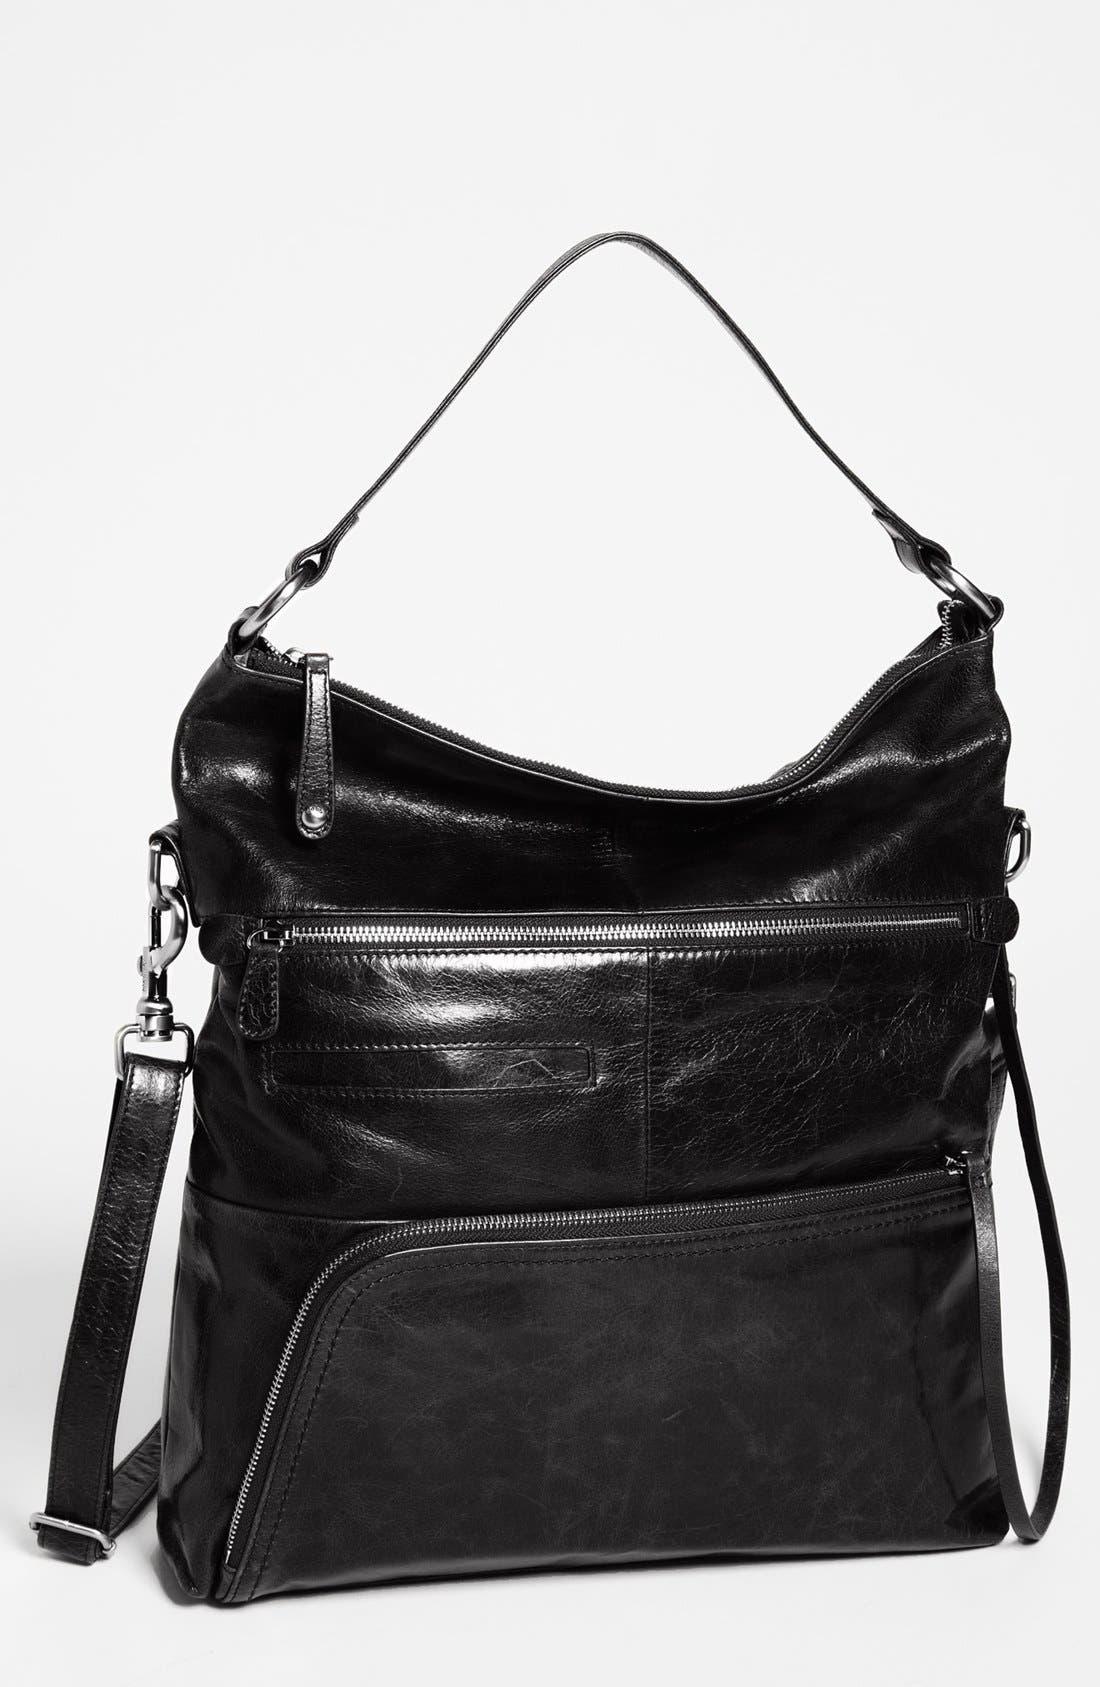 Alternate Image 1 Selected - Hobo 'Quinn' Leather Hobo